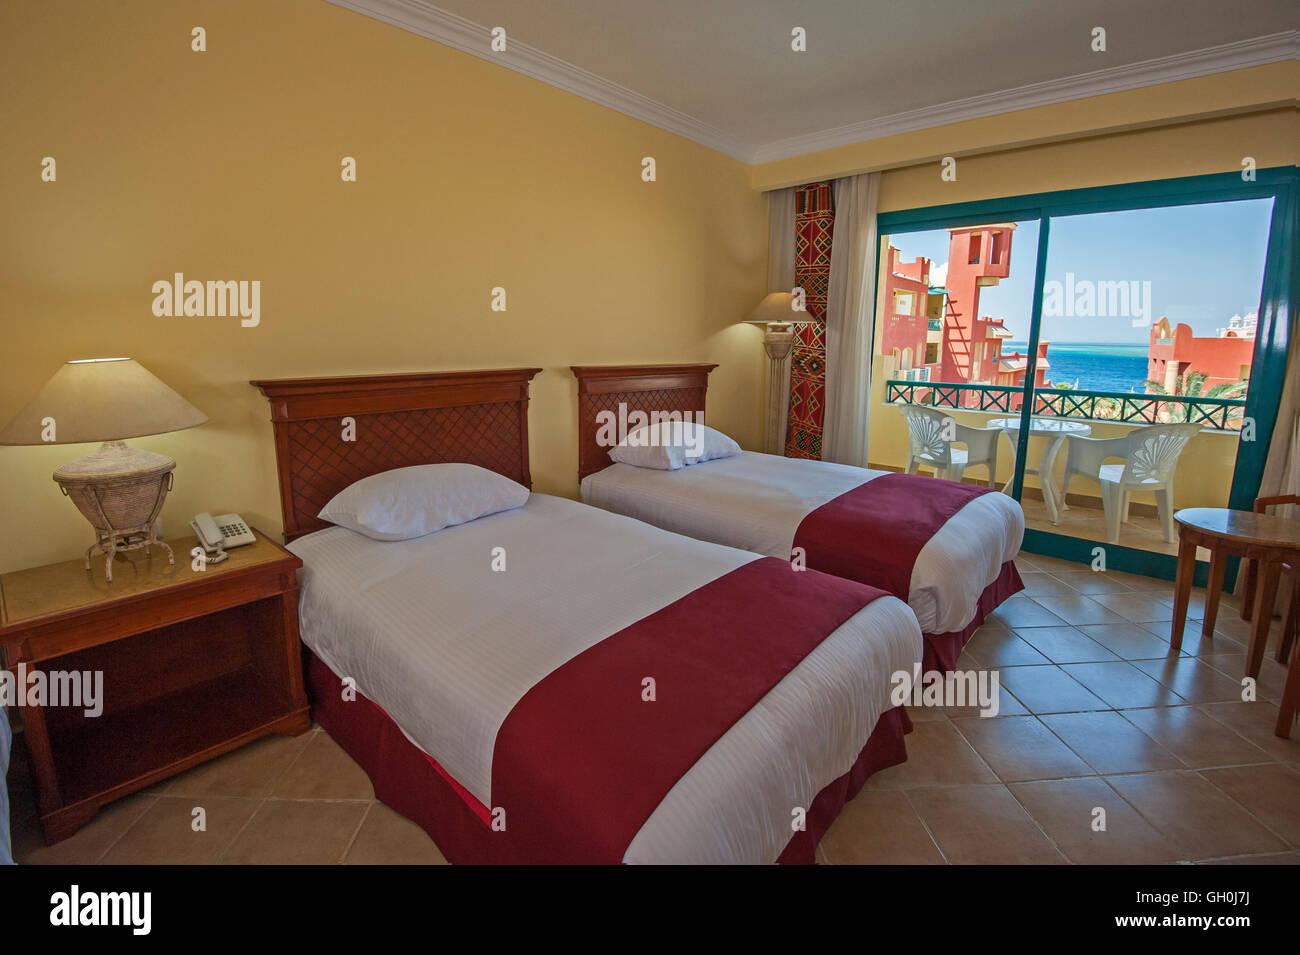 Die Gestaltung Des Innenraums Ein Luxus Hotel Tropical Resort Schlafzimmer  Mit Balkon Und Meerblick